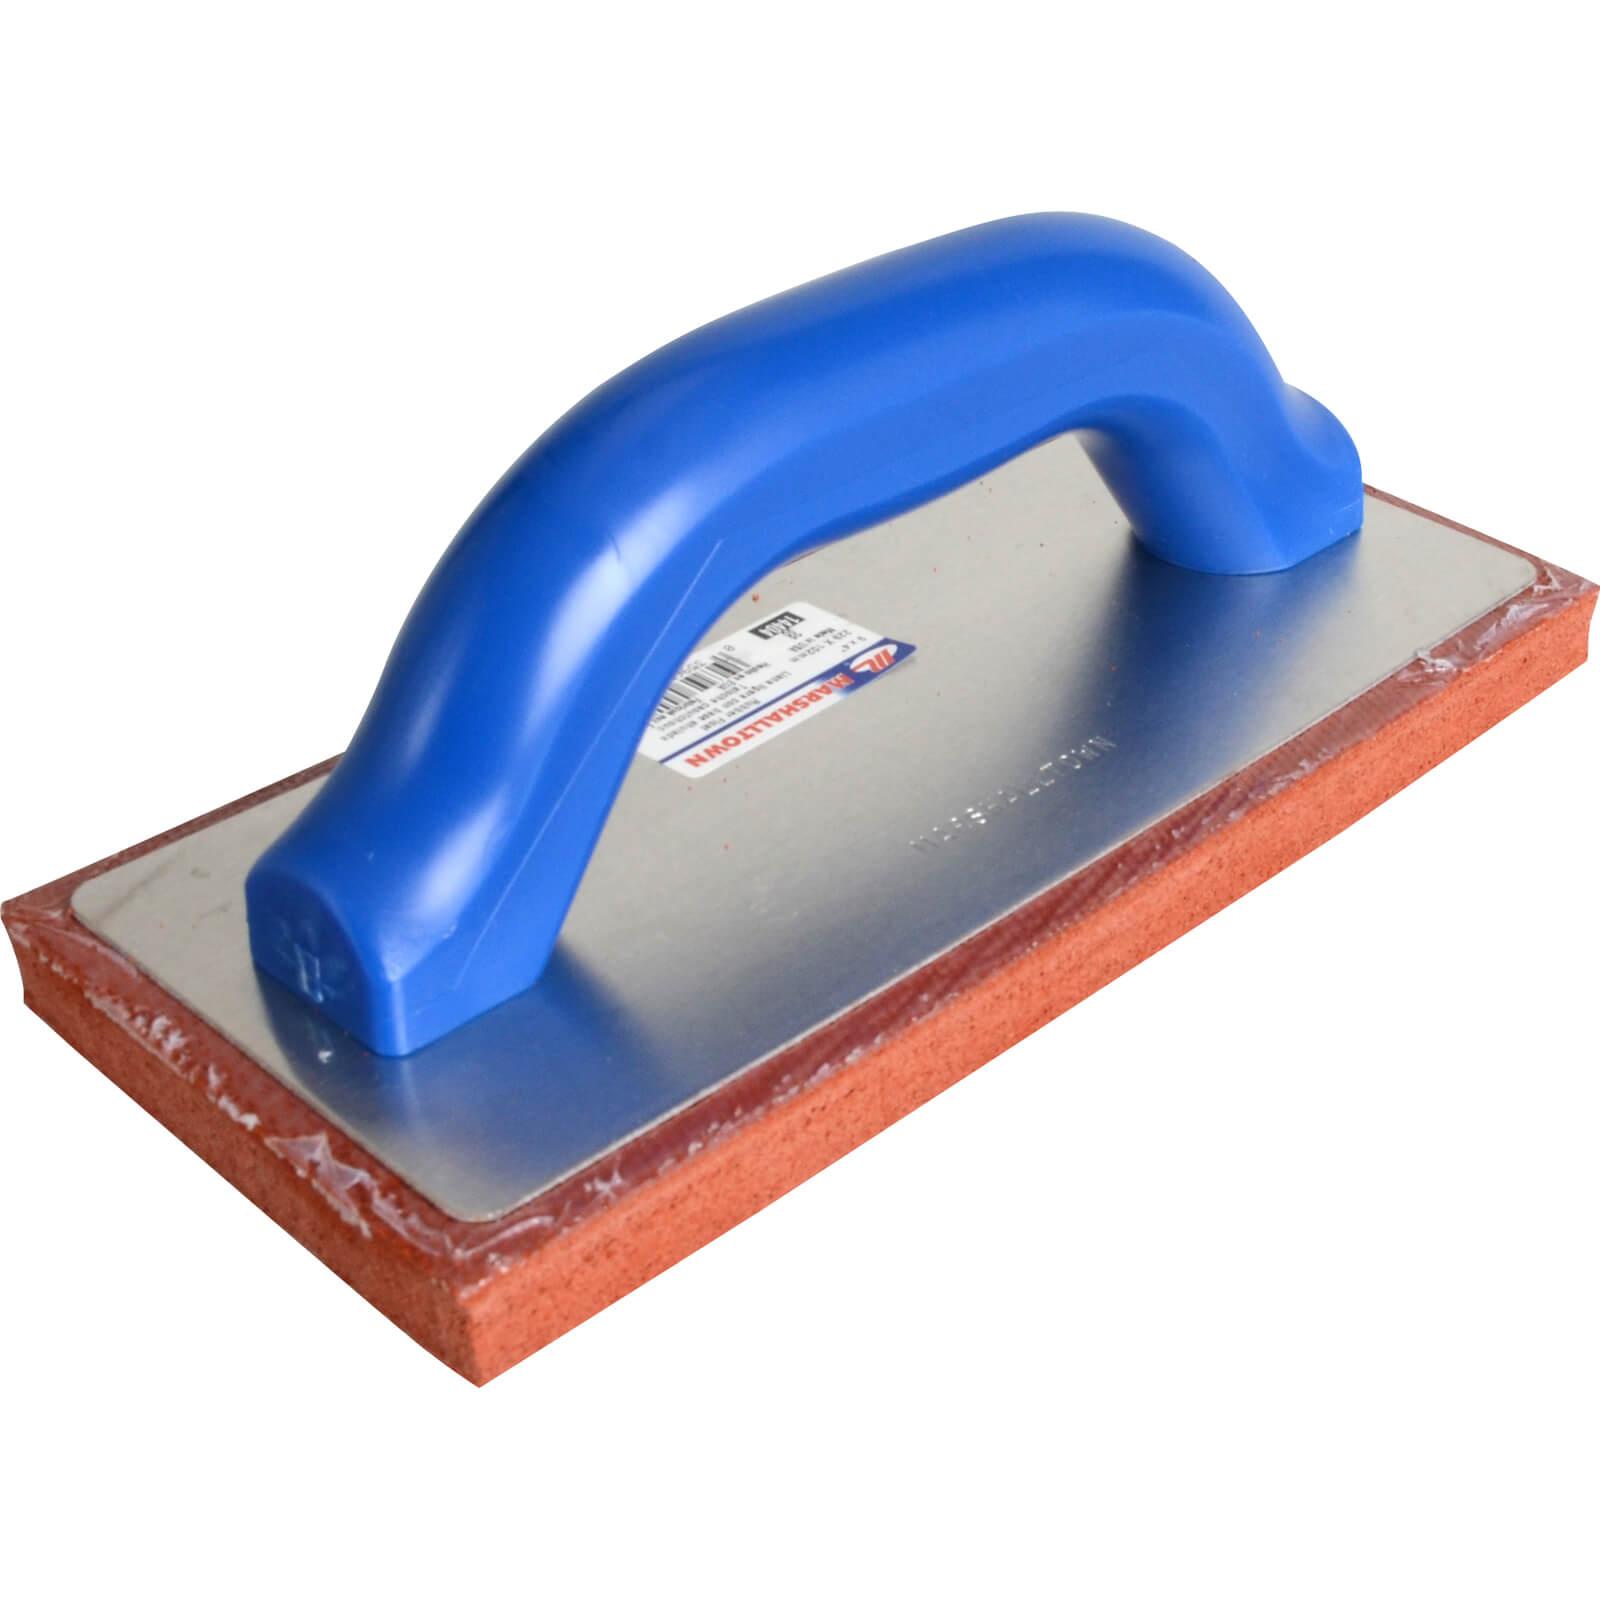 Image of Marshalltown Rubber Plasterers Render Float Fine